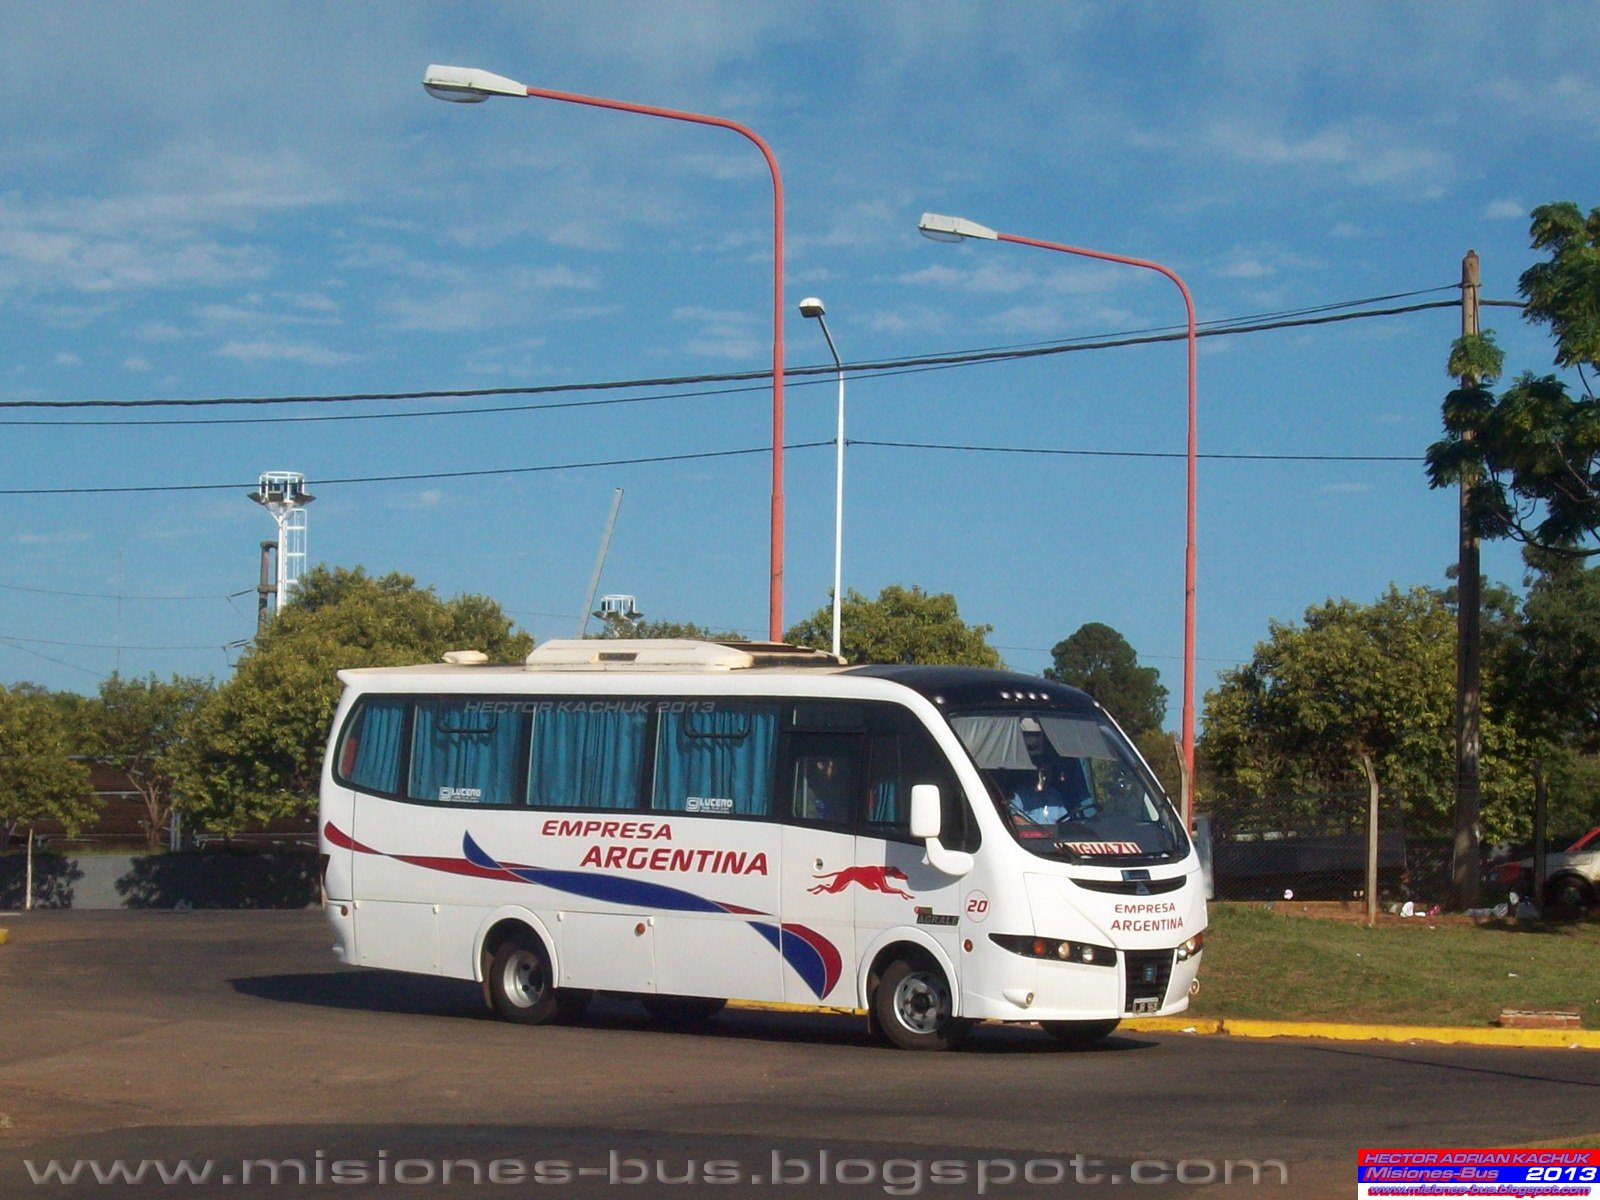 Misionesbus Empresa Argentina Misiones 20